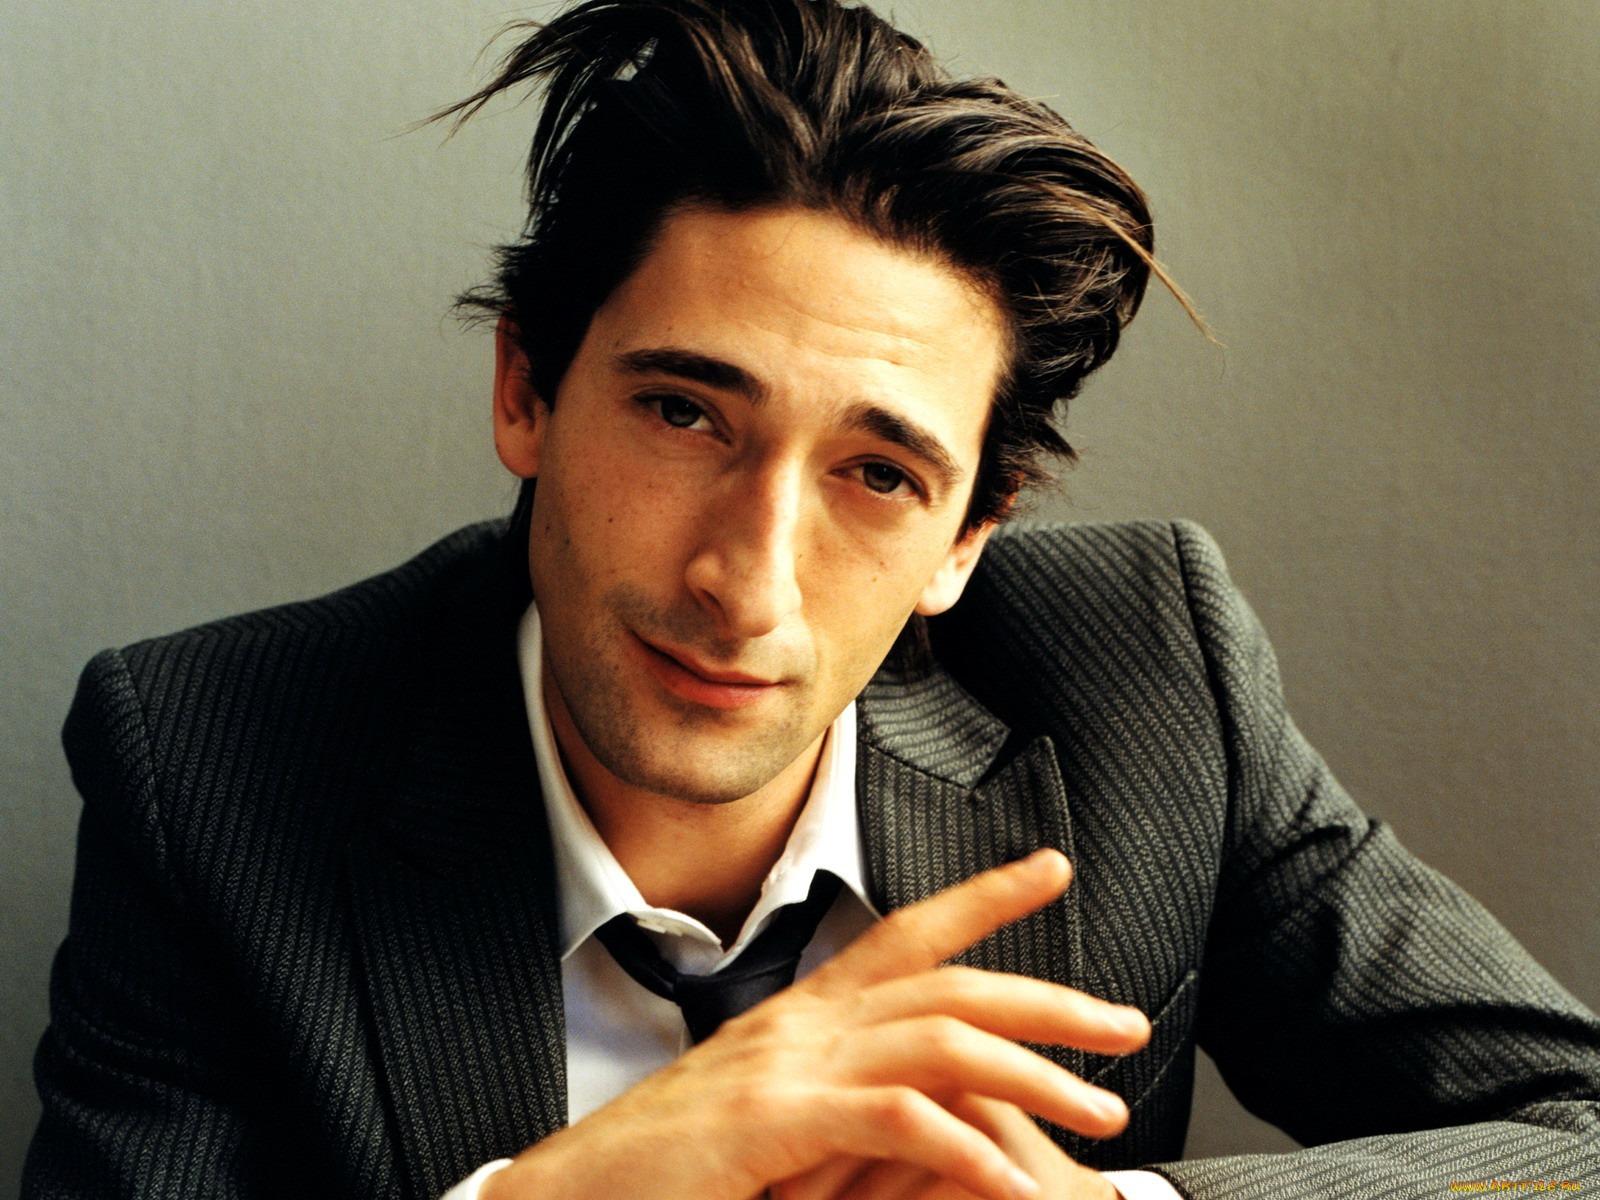 француз мужчина внешность фото